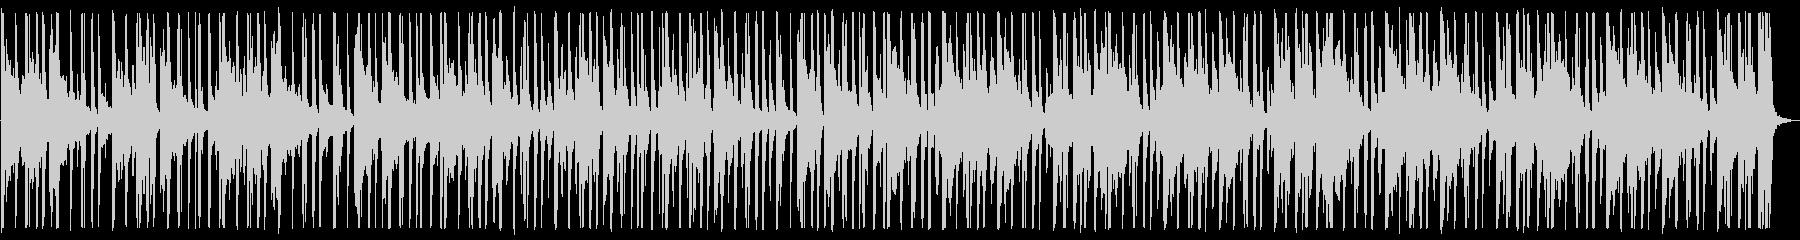 冬/切ない/R&B_No483_3の未再生の波形